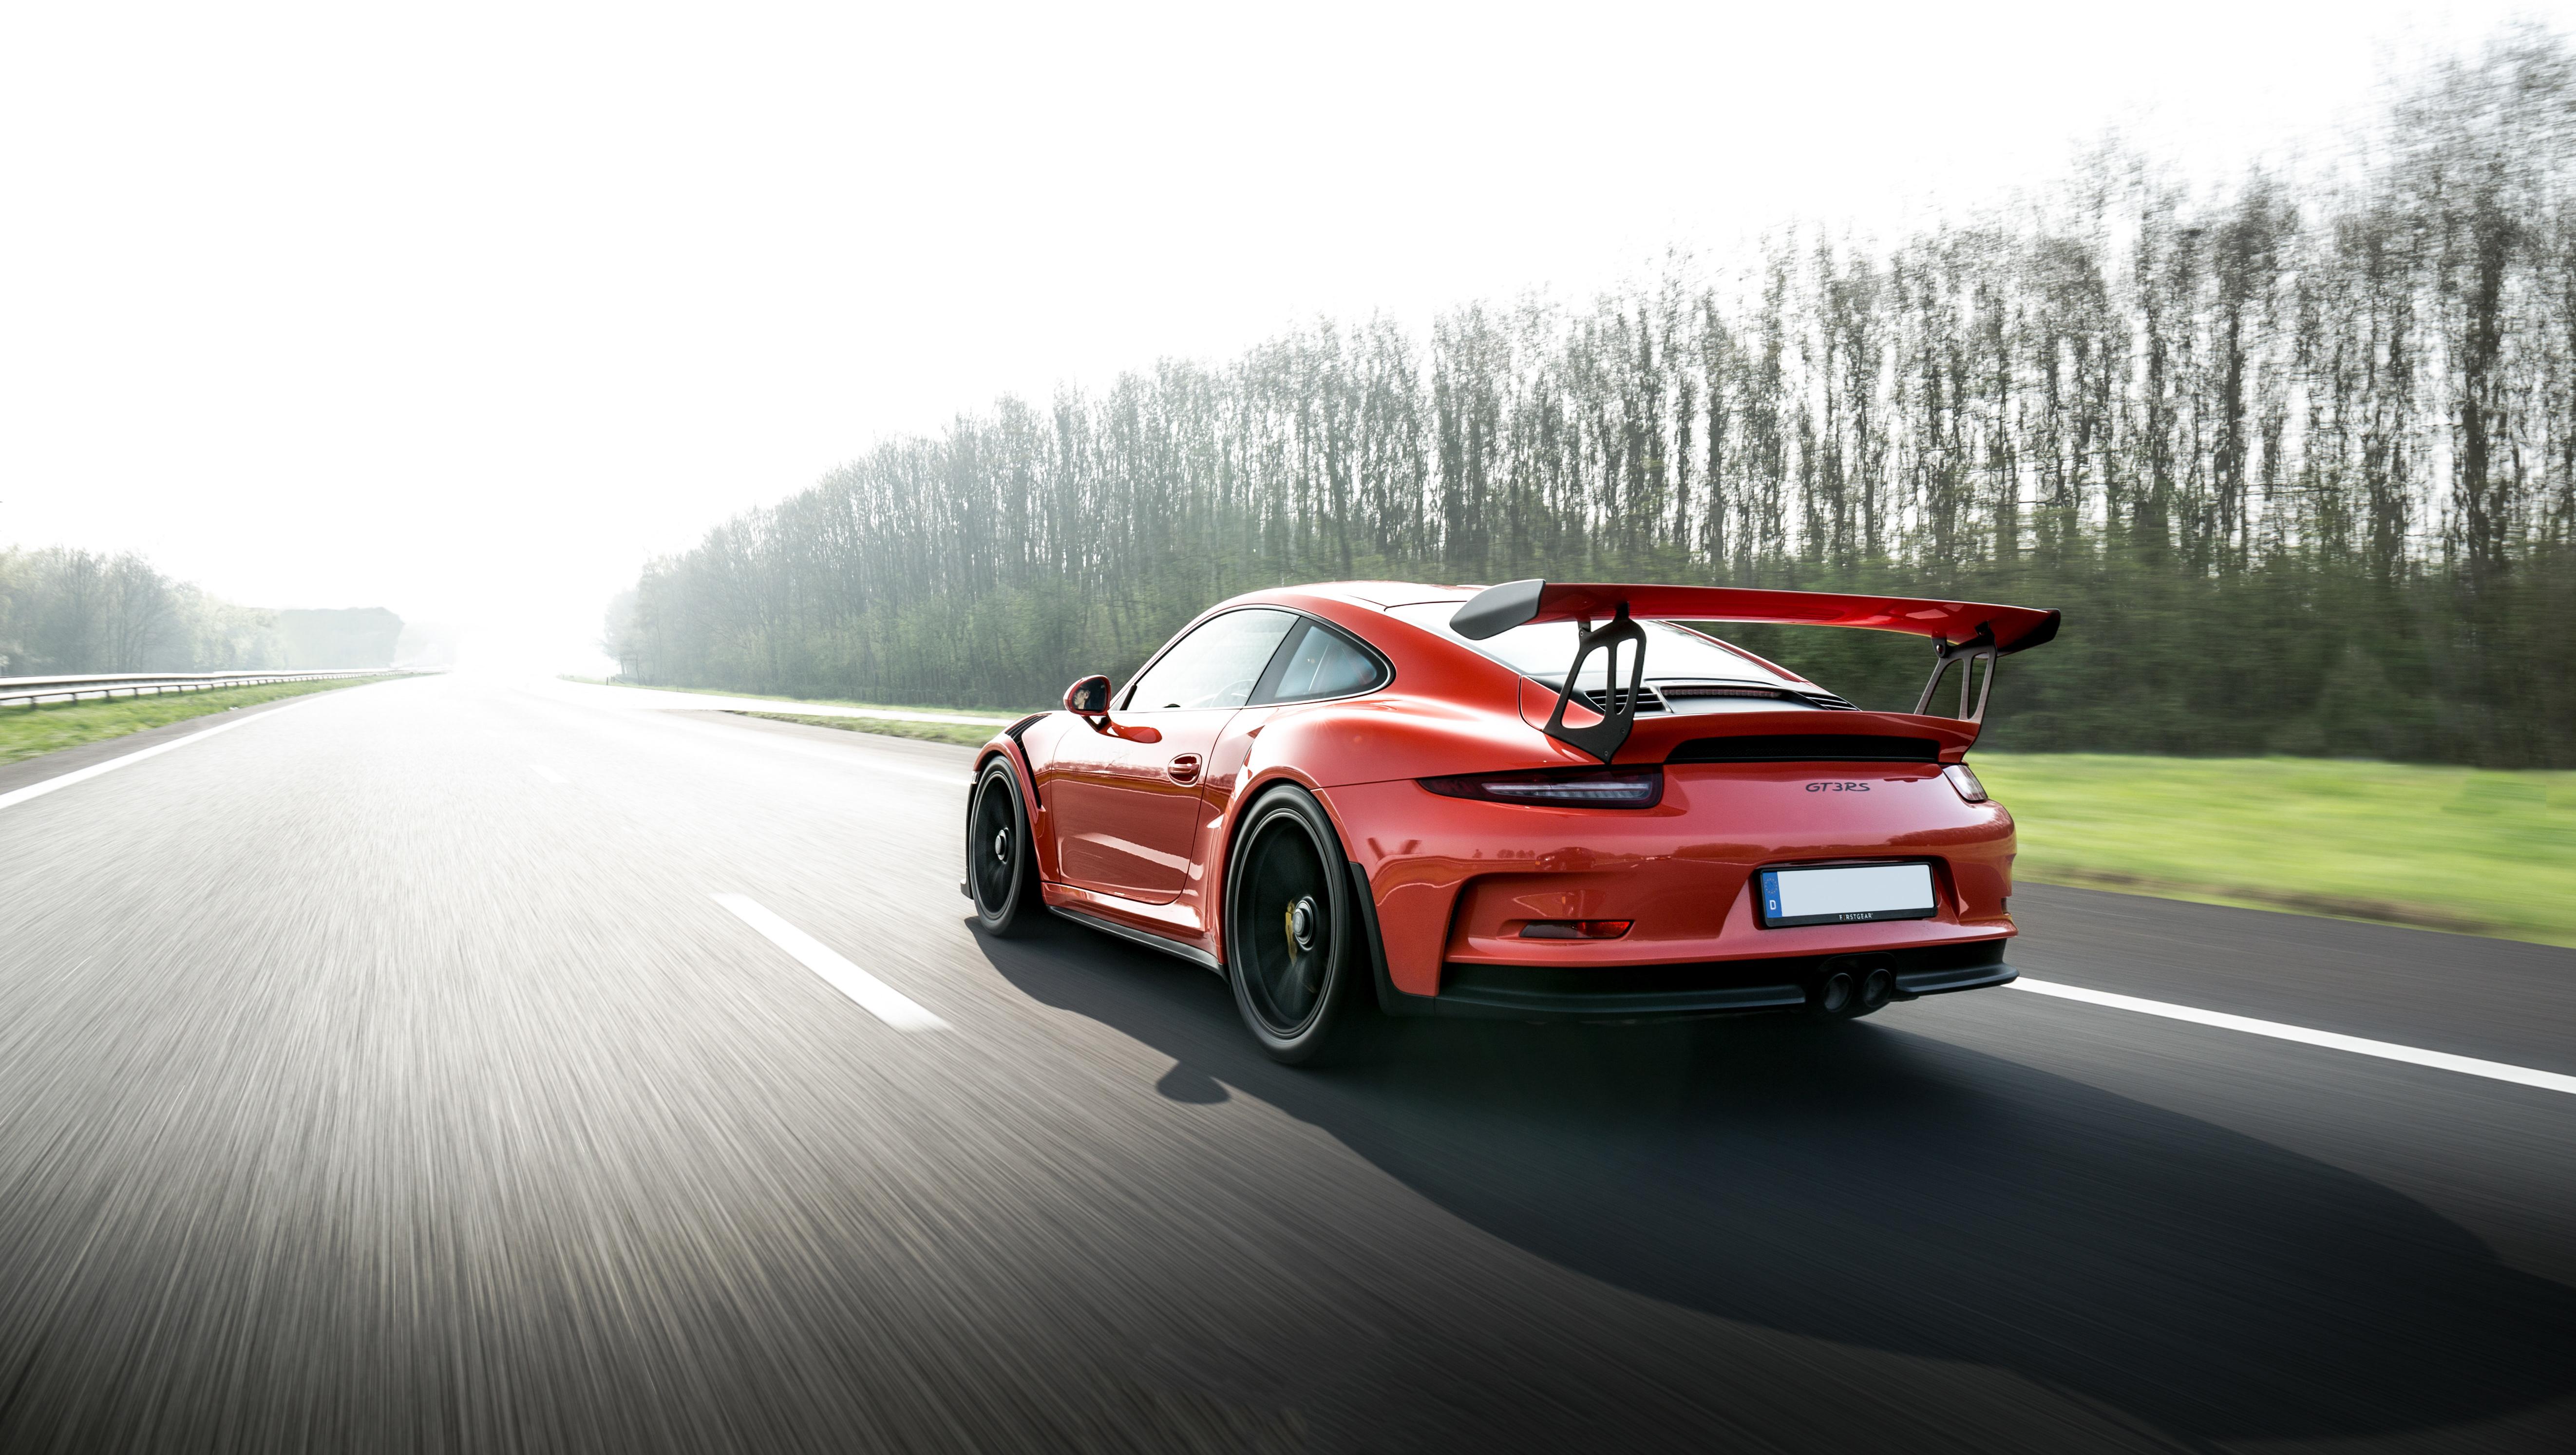 Porsche Gt3 Wallpaper 5288x2987 Download Hd Wallpaper Wallpapertip